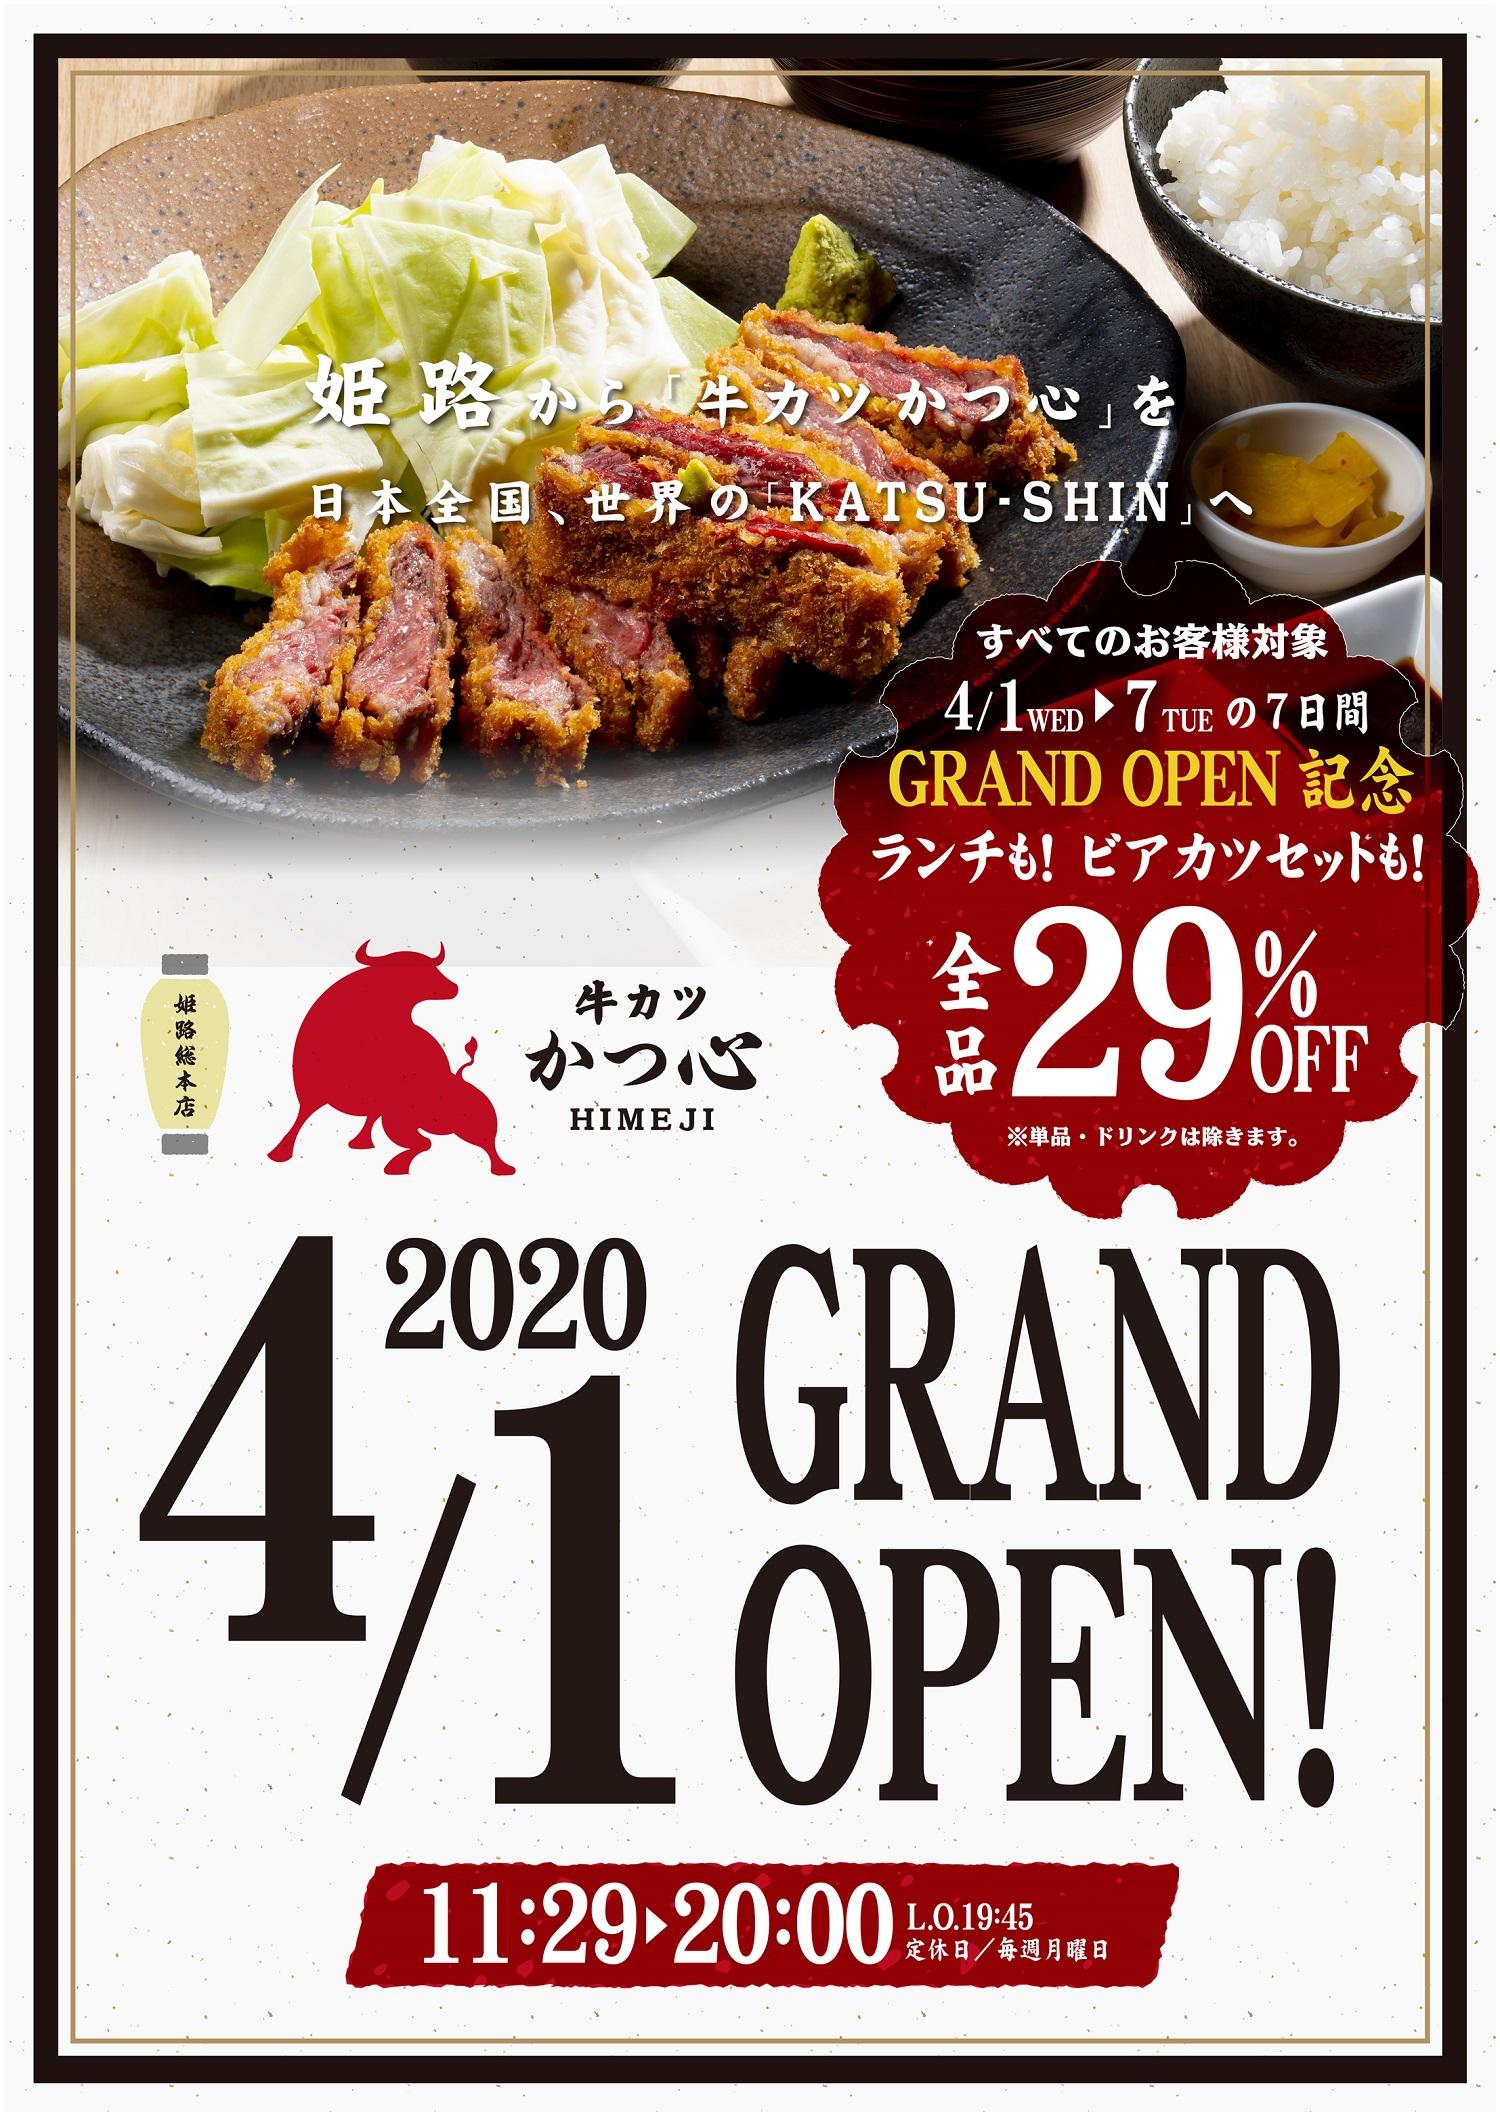 牛カツ かつ心 HIMEJI 姫路総本店 本日オープン!